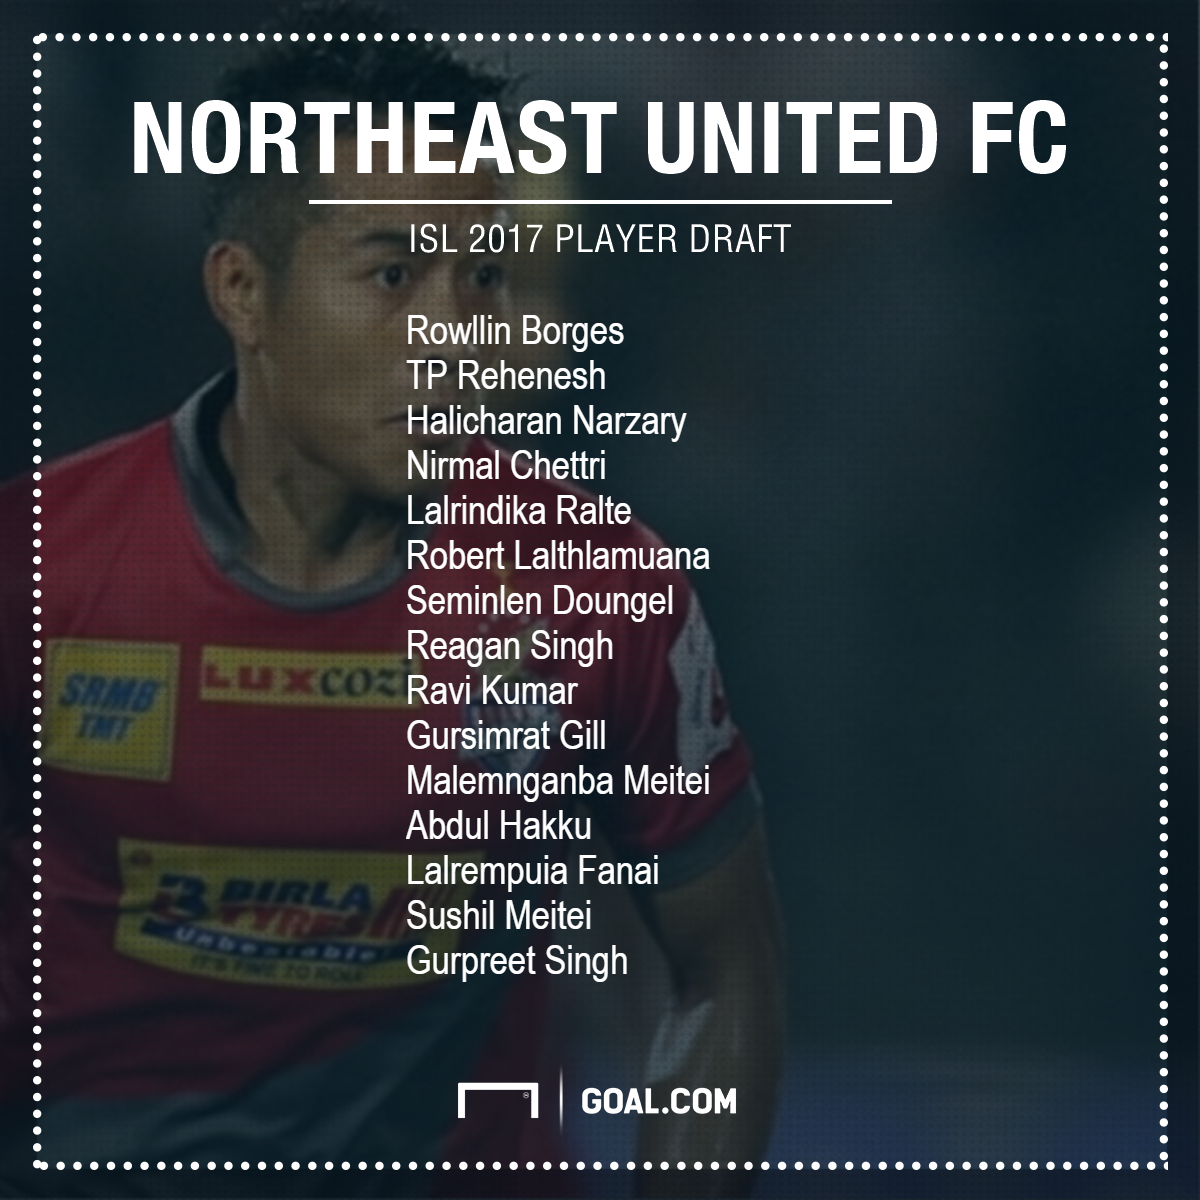 NorthEast United FC Draft